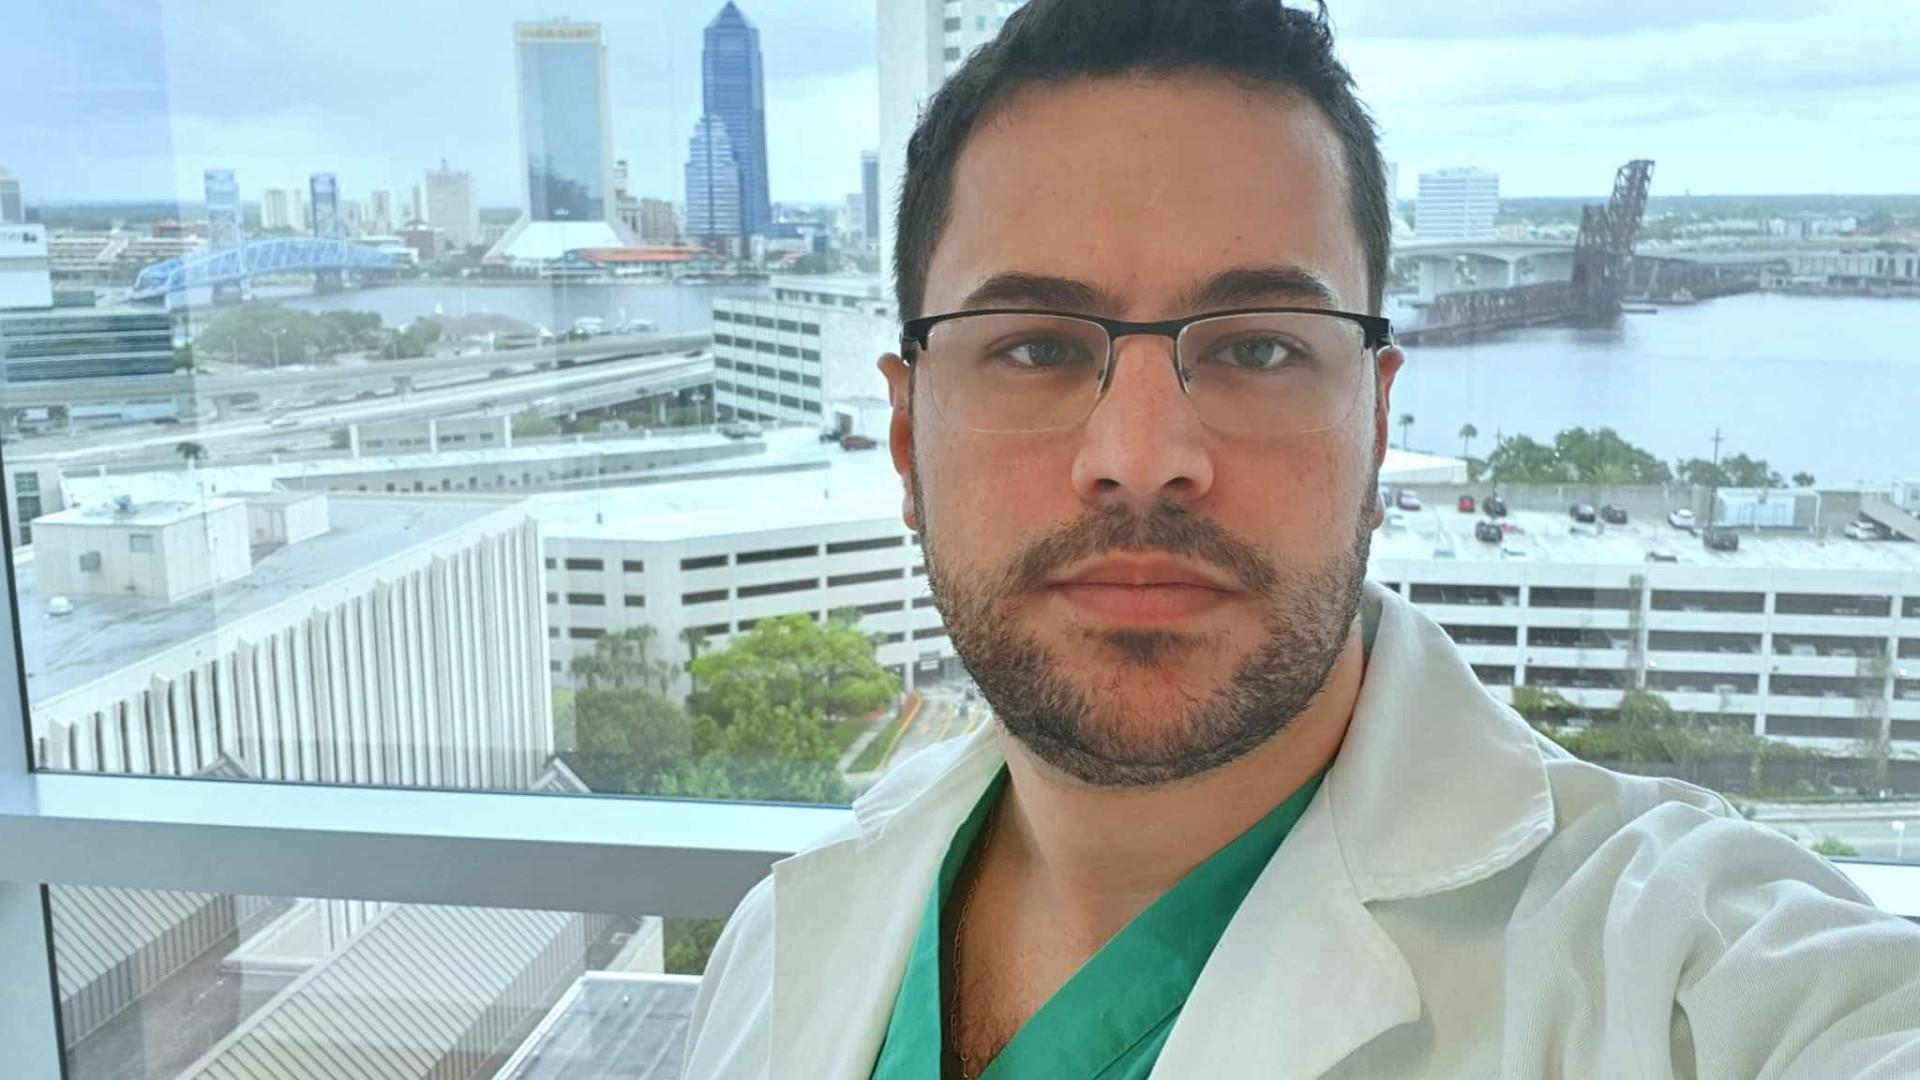 'Peguei a doença fazendo o que amo', postou médico antes de morrer